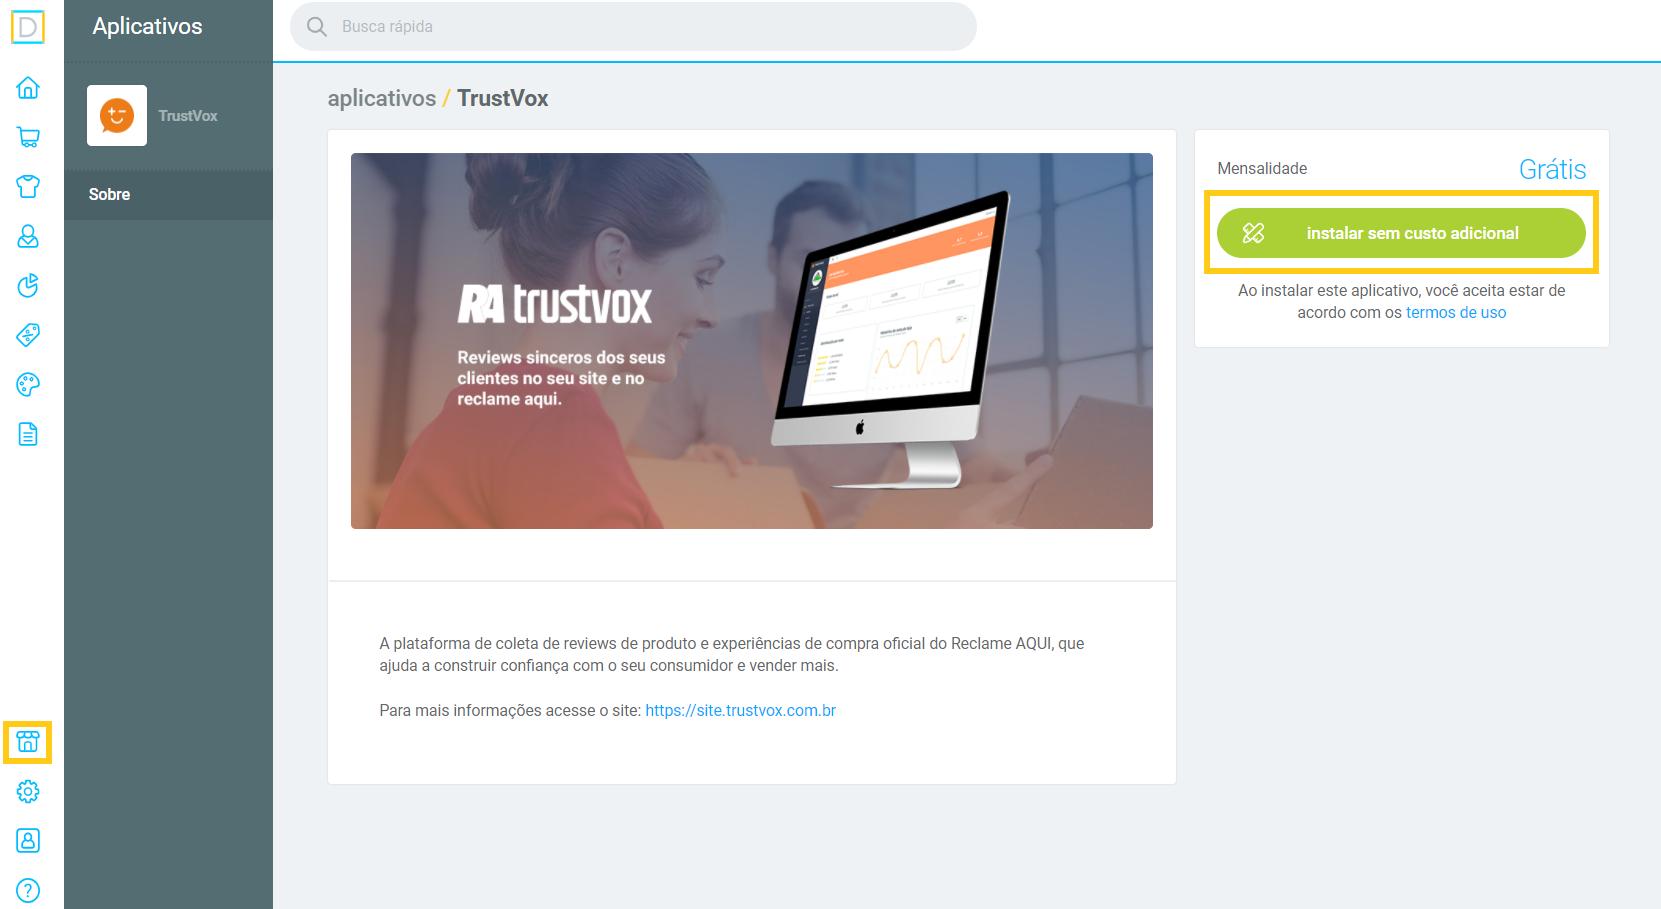 trustvox instalar .png